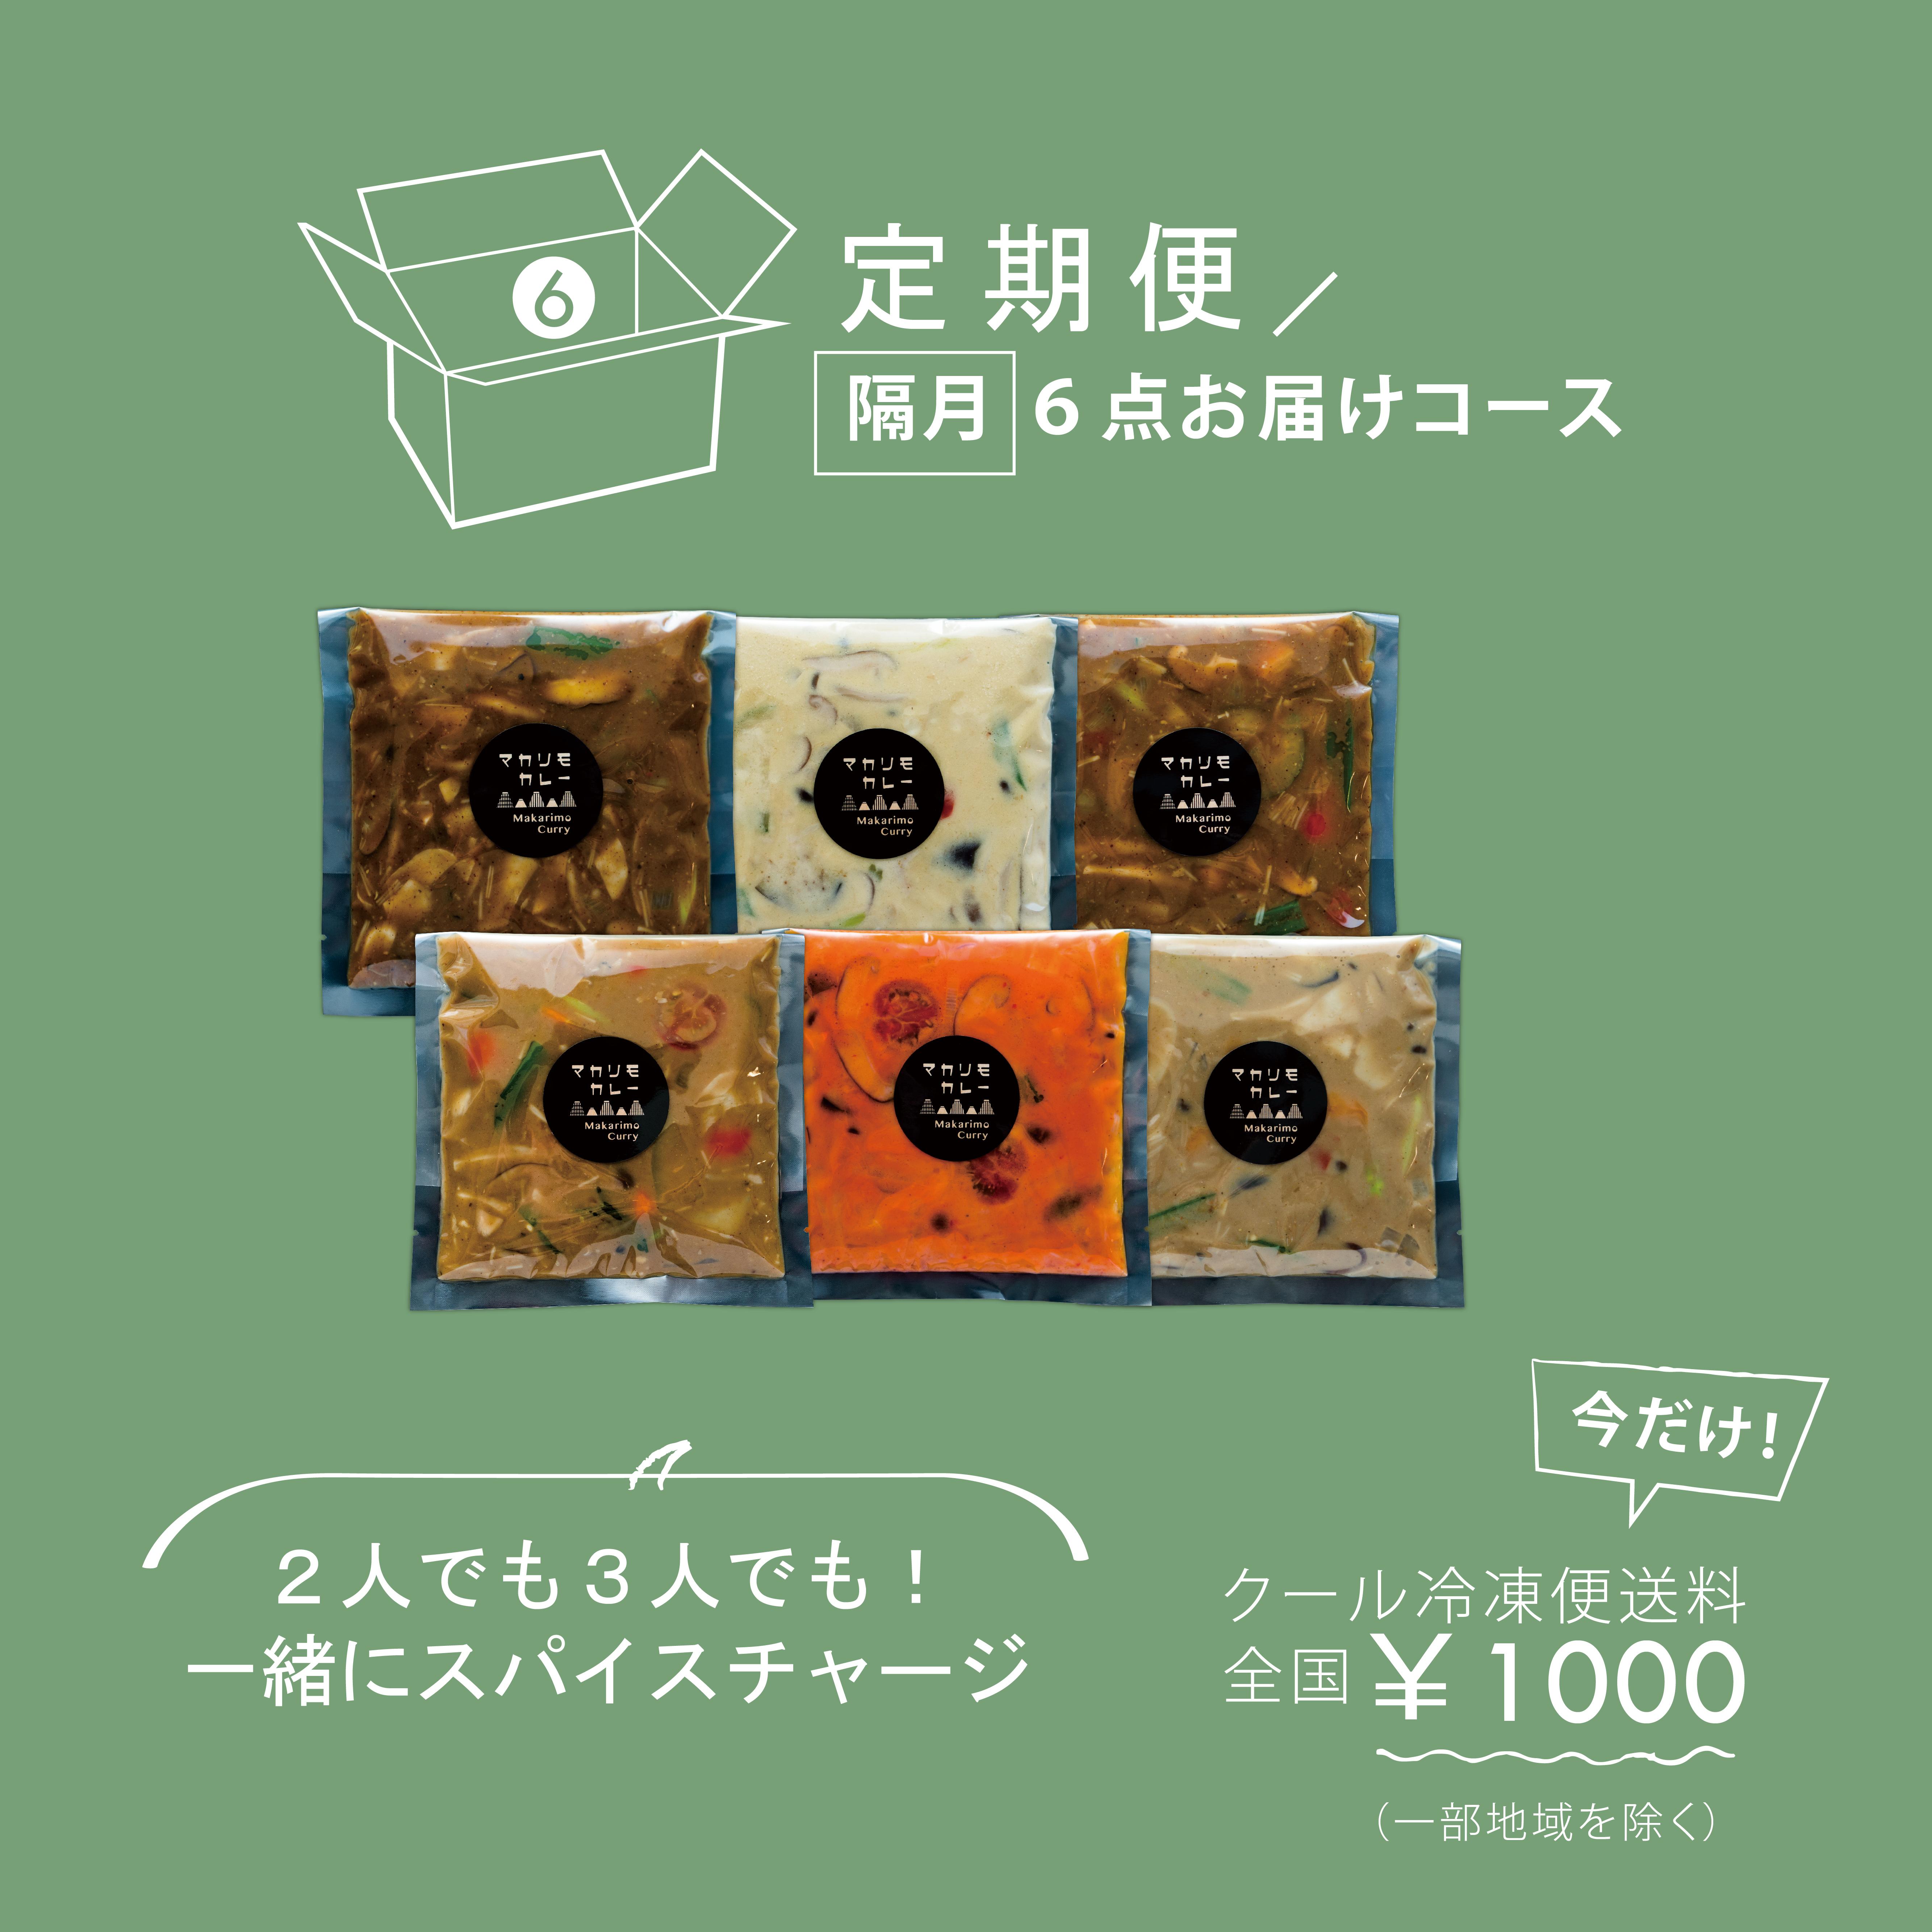 冷凍カレールウ / 隔月6点お届けコース / クール冷凍便送料1,000円(一部1,200円)でお届けします